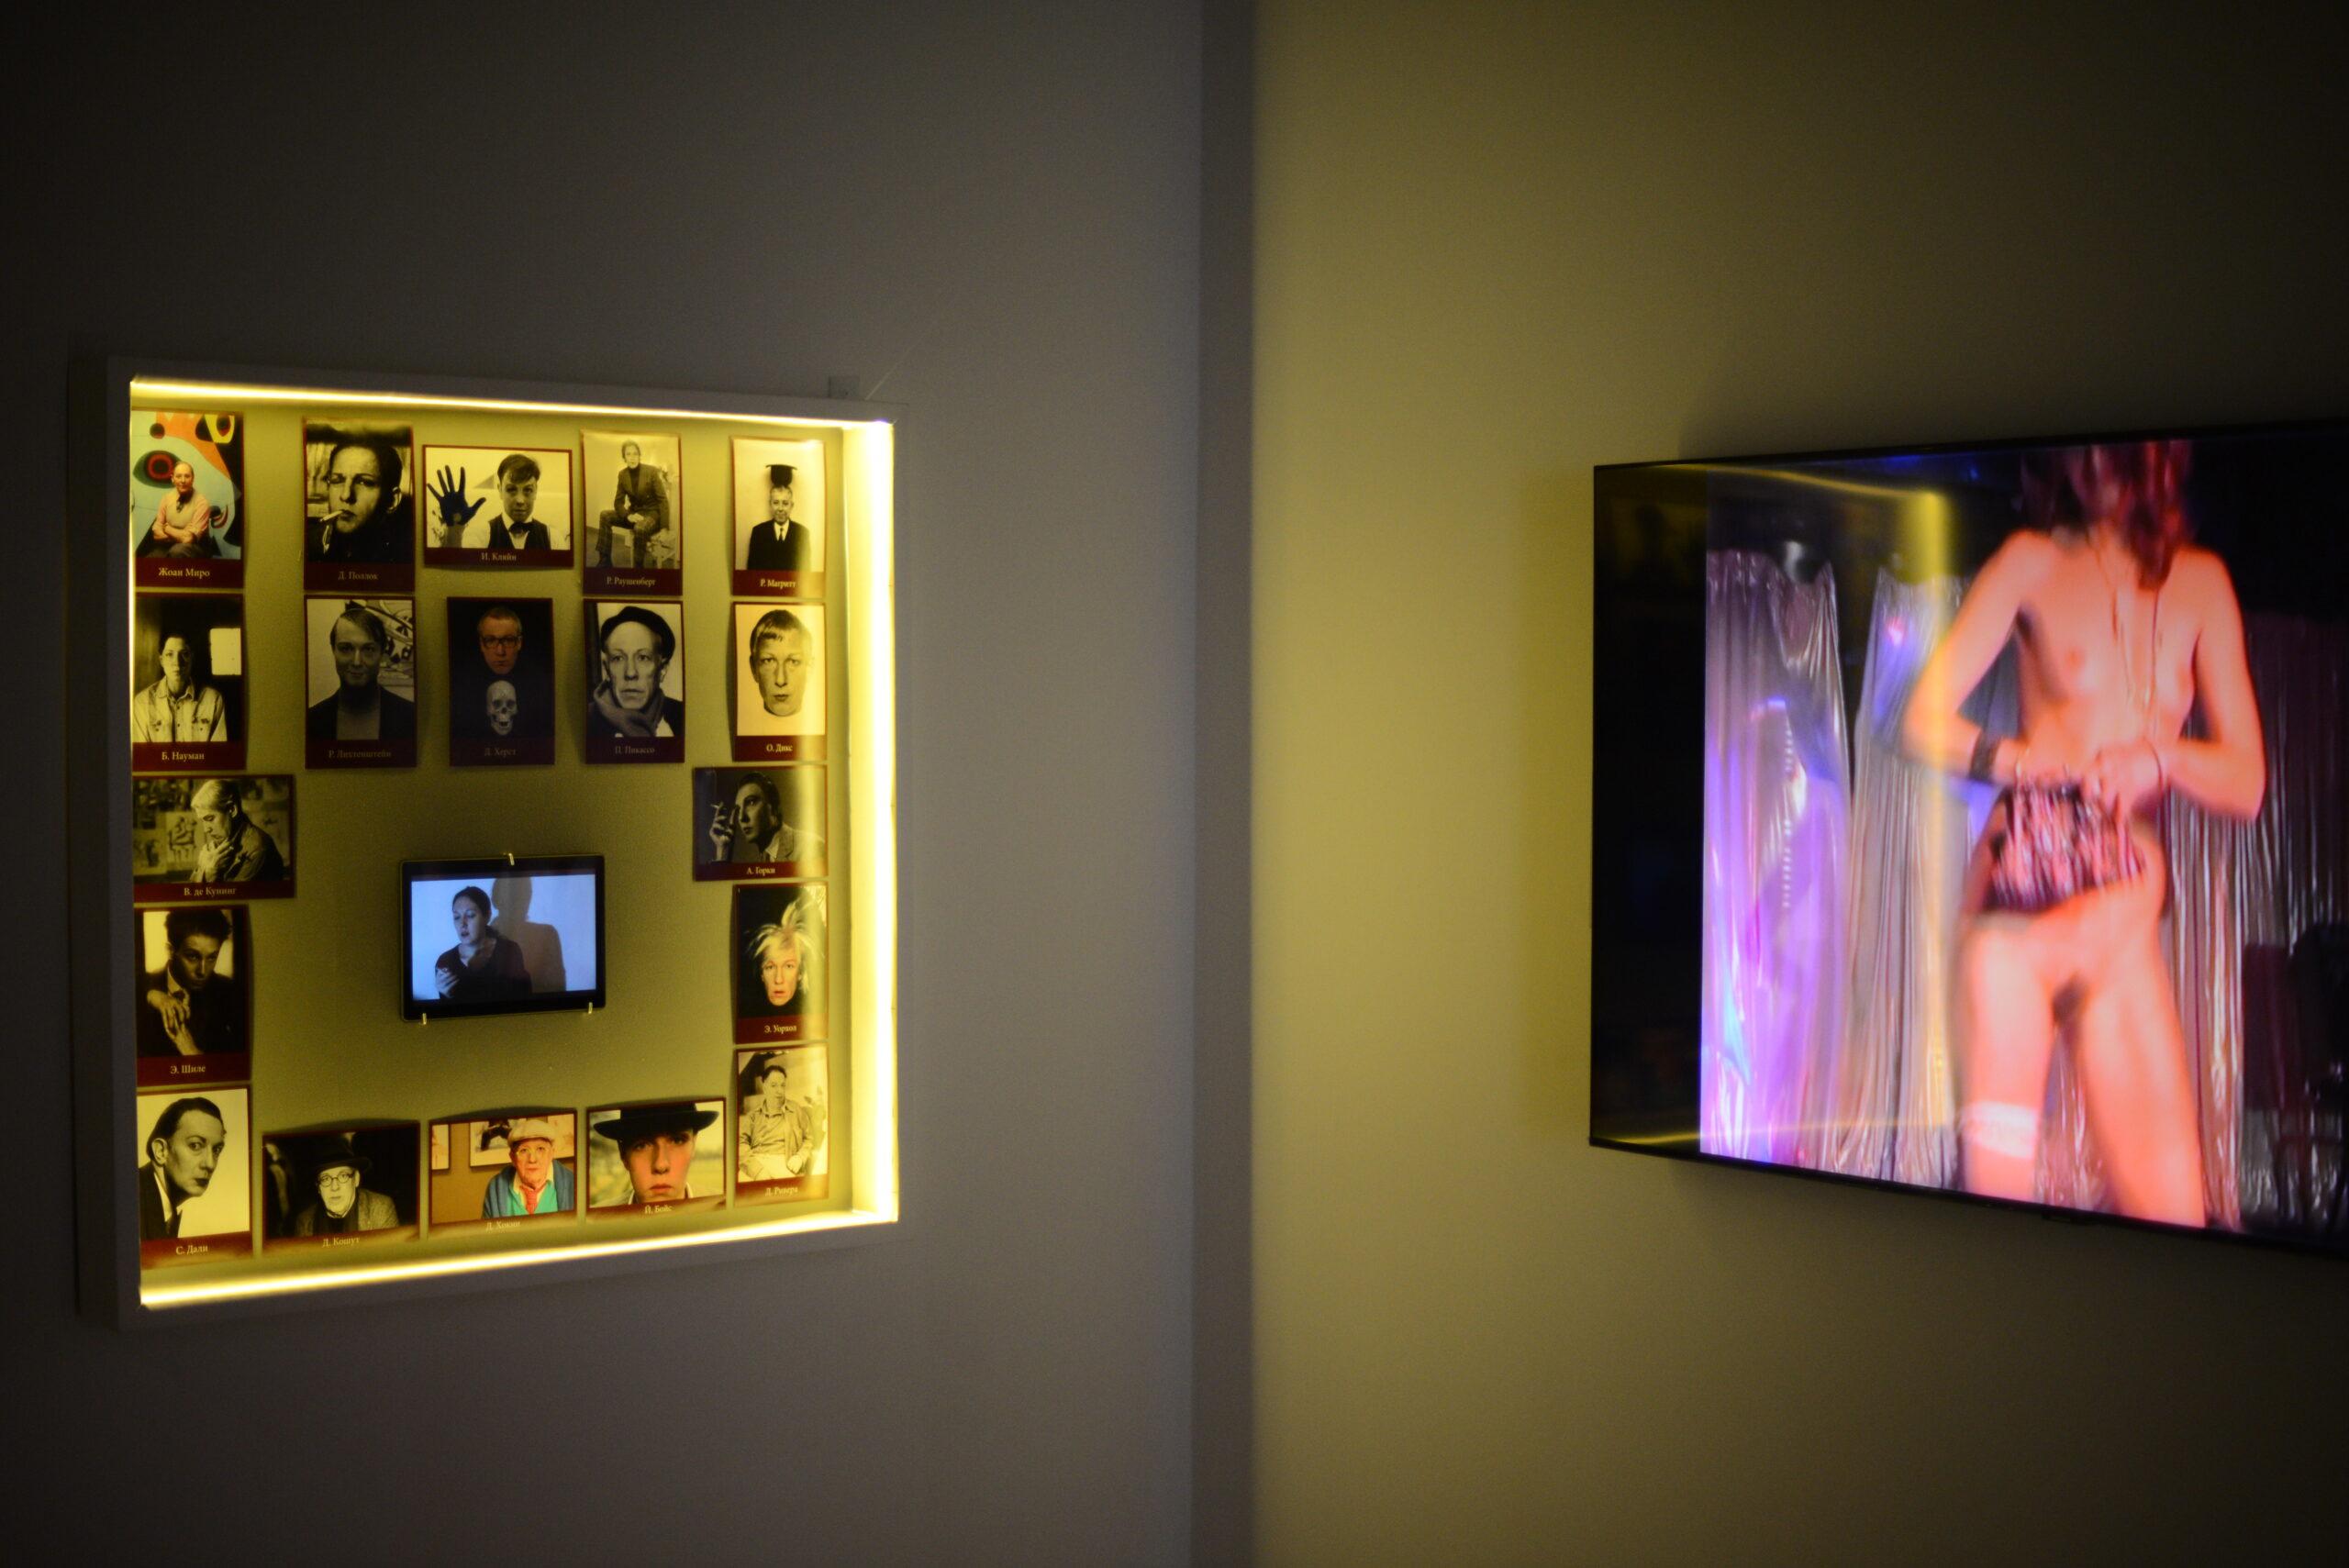 зліва: Катерина Єрмолаєва, «Поки без назви»; справа: Катажина Козира, «Присвята до дня народження Глорії Віагри»